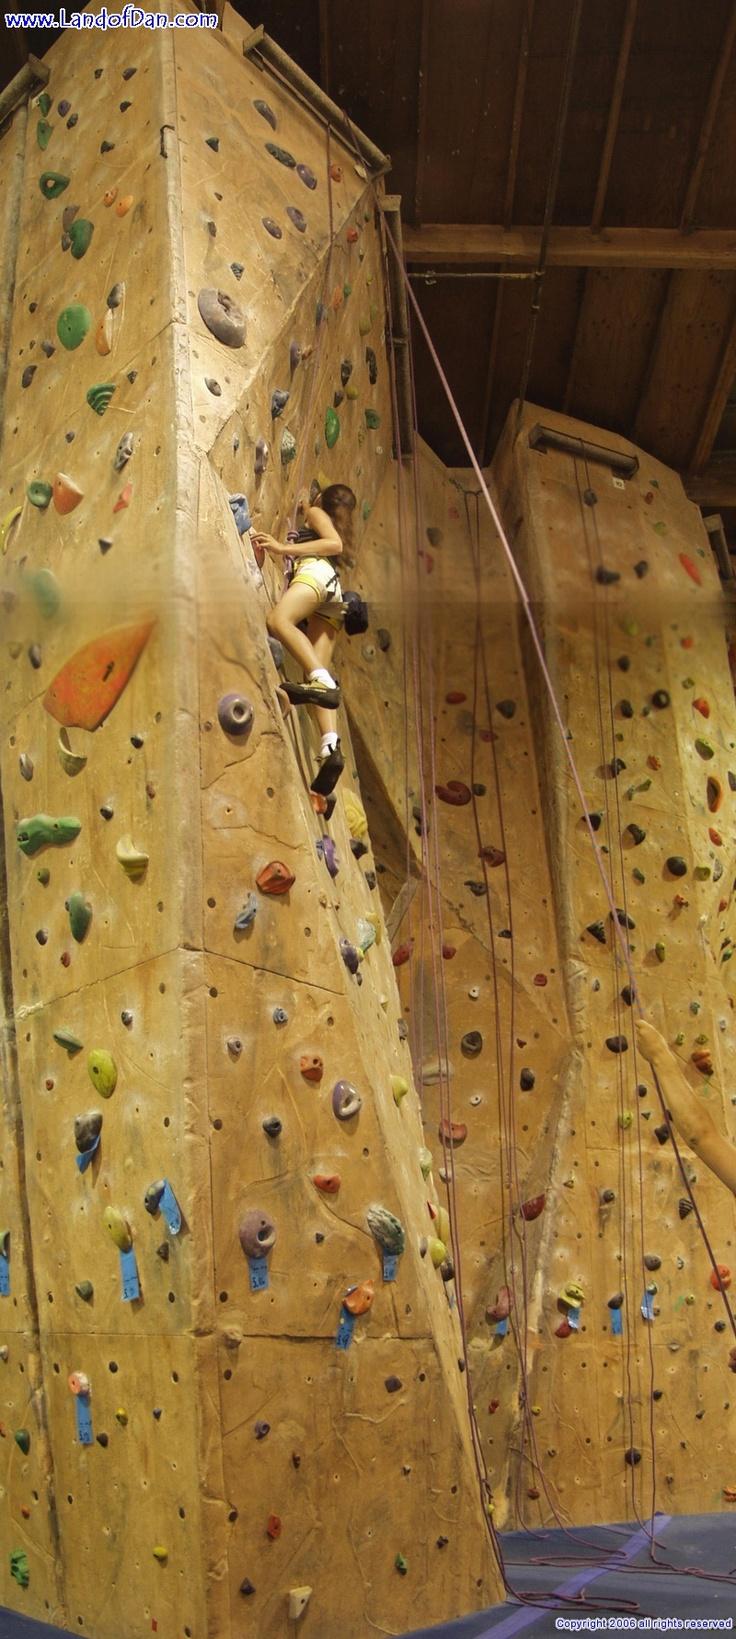 84 best Rock climbing walls images on Pinterest | Rock climbing ...